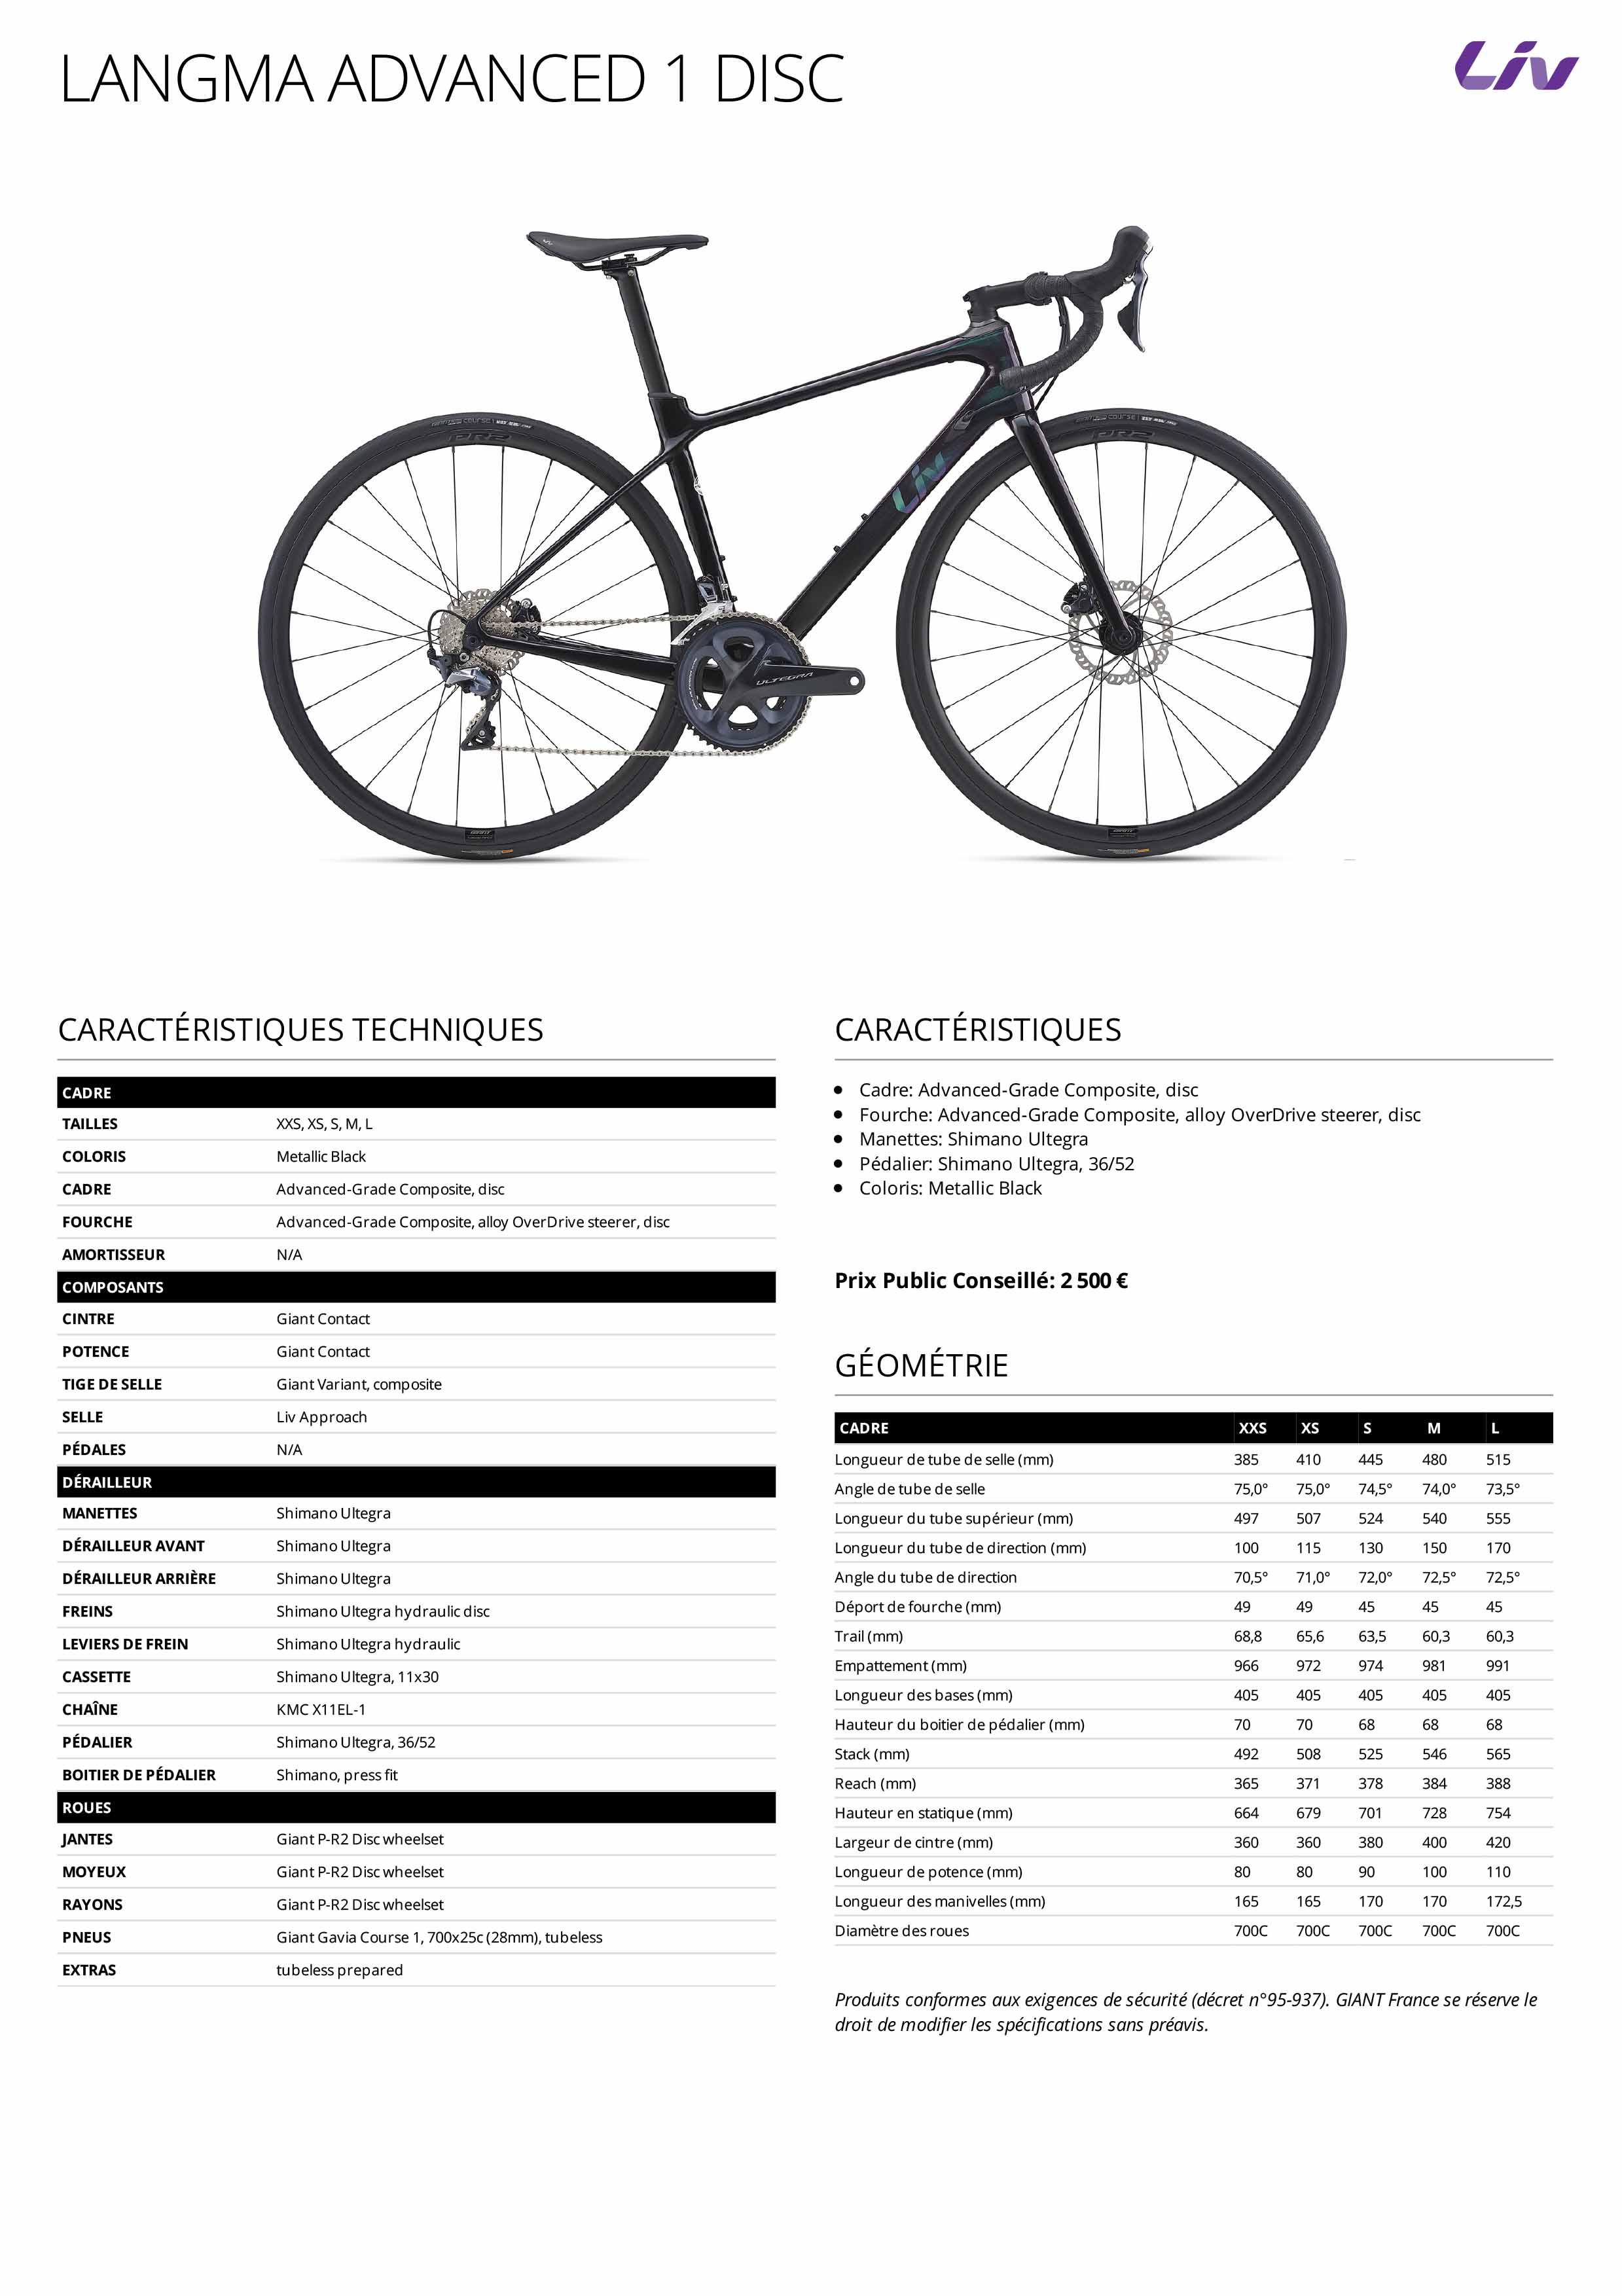 Fiche technique vélo LIV Langma Advanced 1 Disc 2021